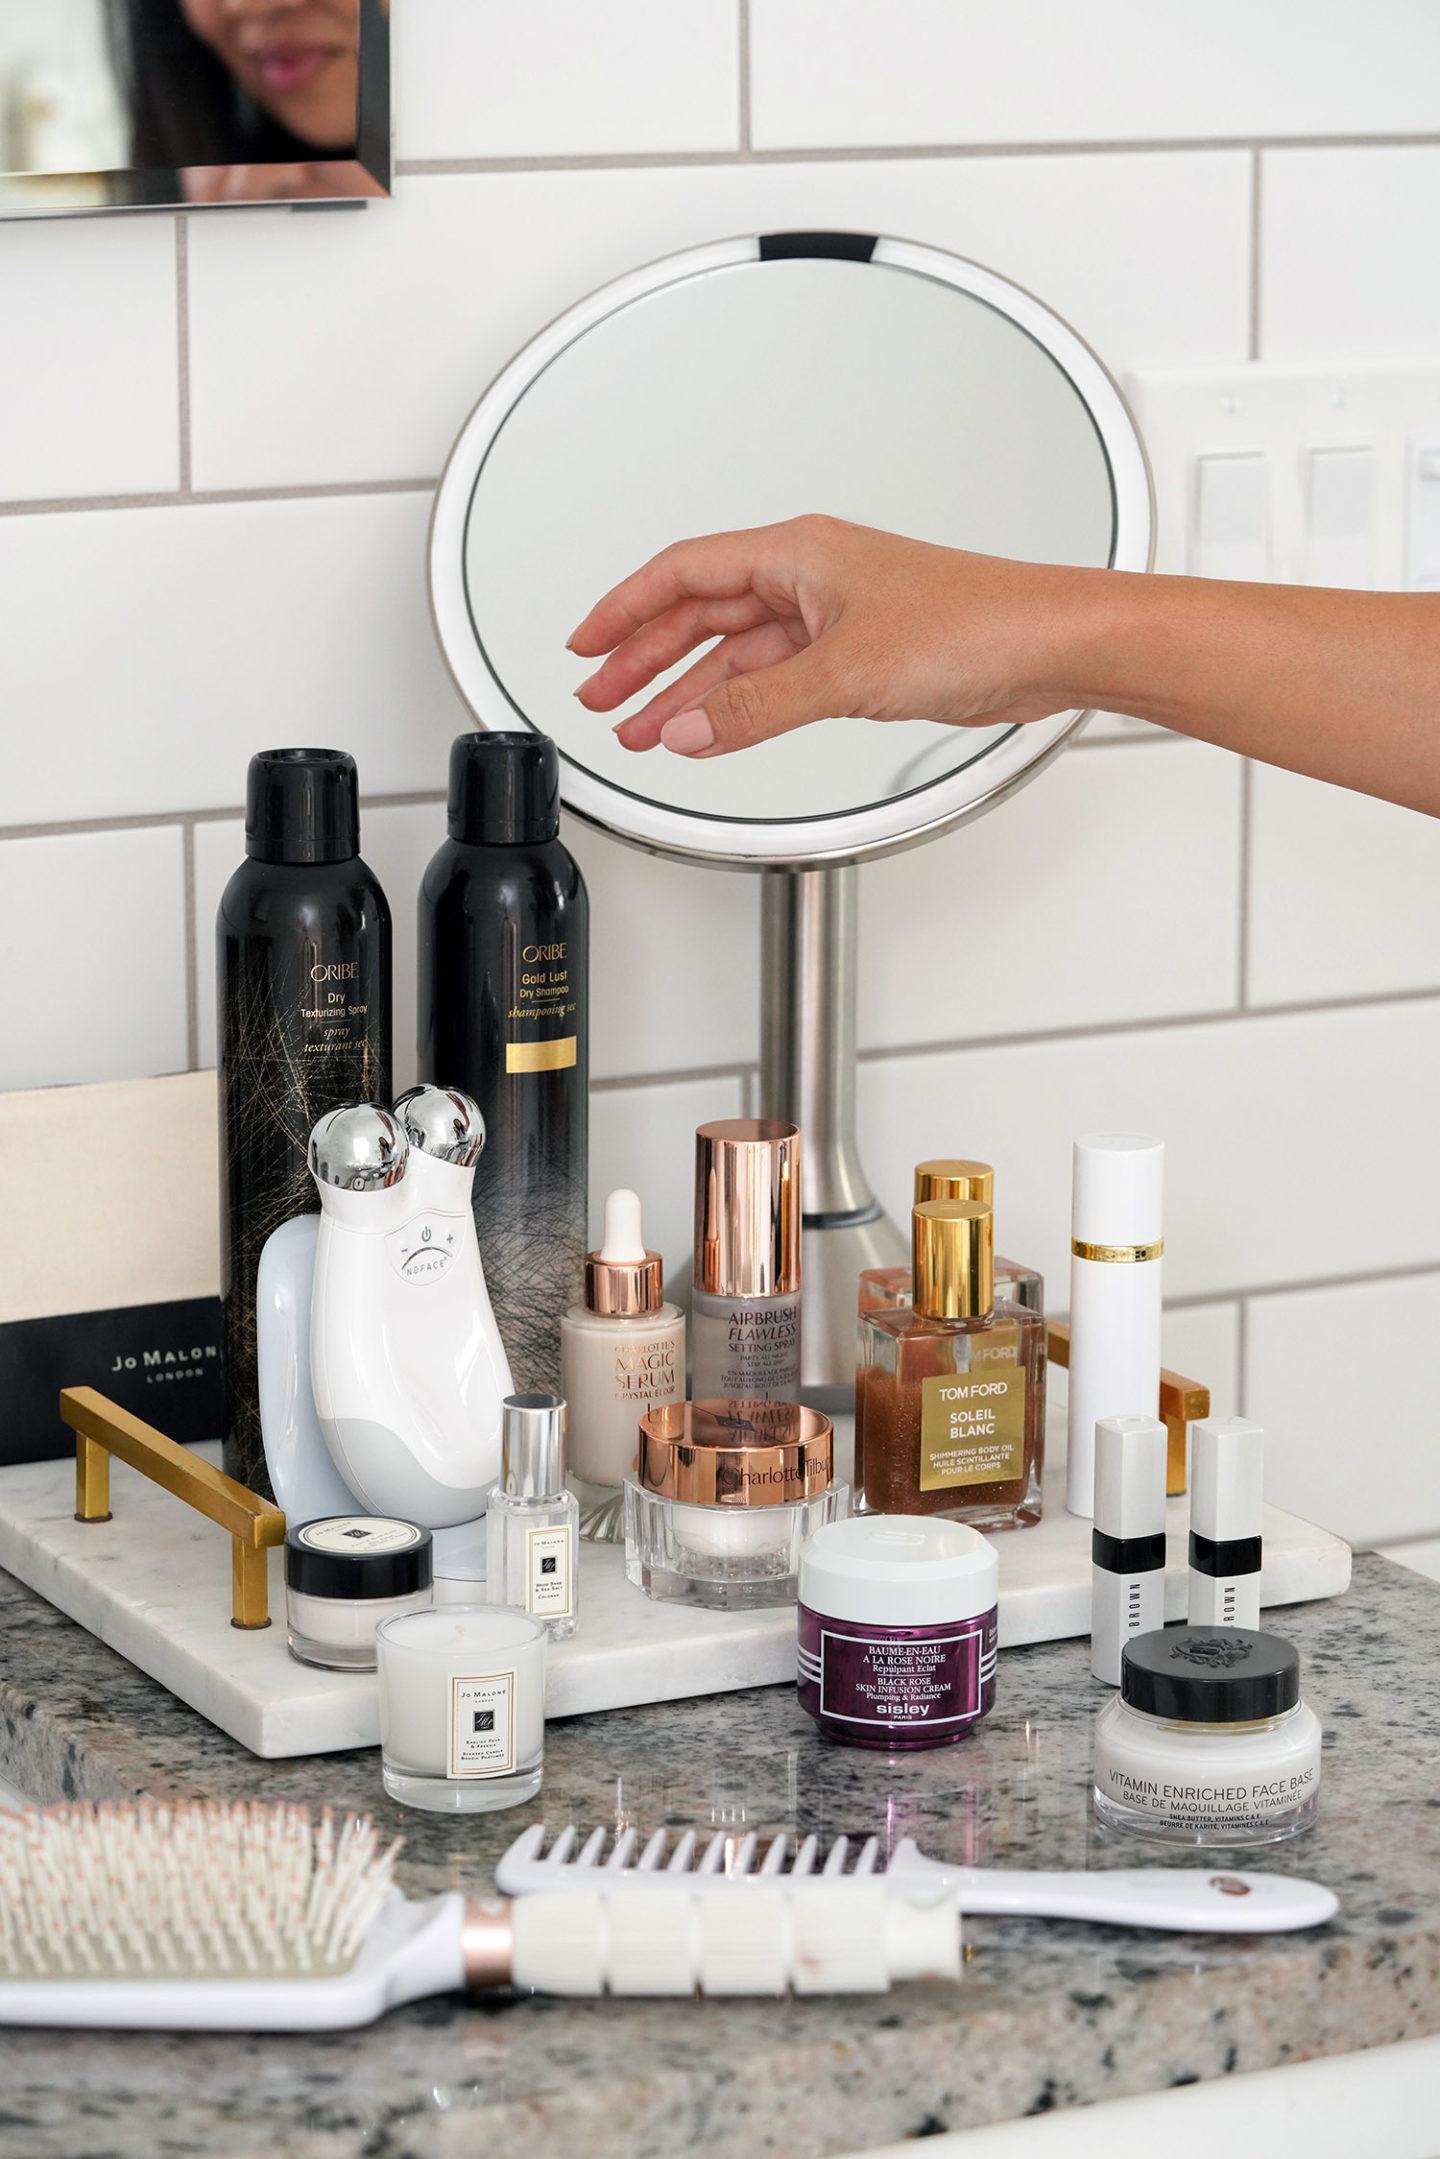 Meilleurs ensembles de parfums de soins capillaires Vente Nordstrom Exclusivités beauté 2021